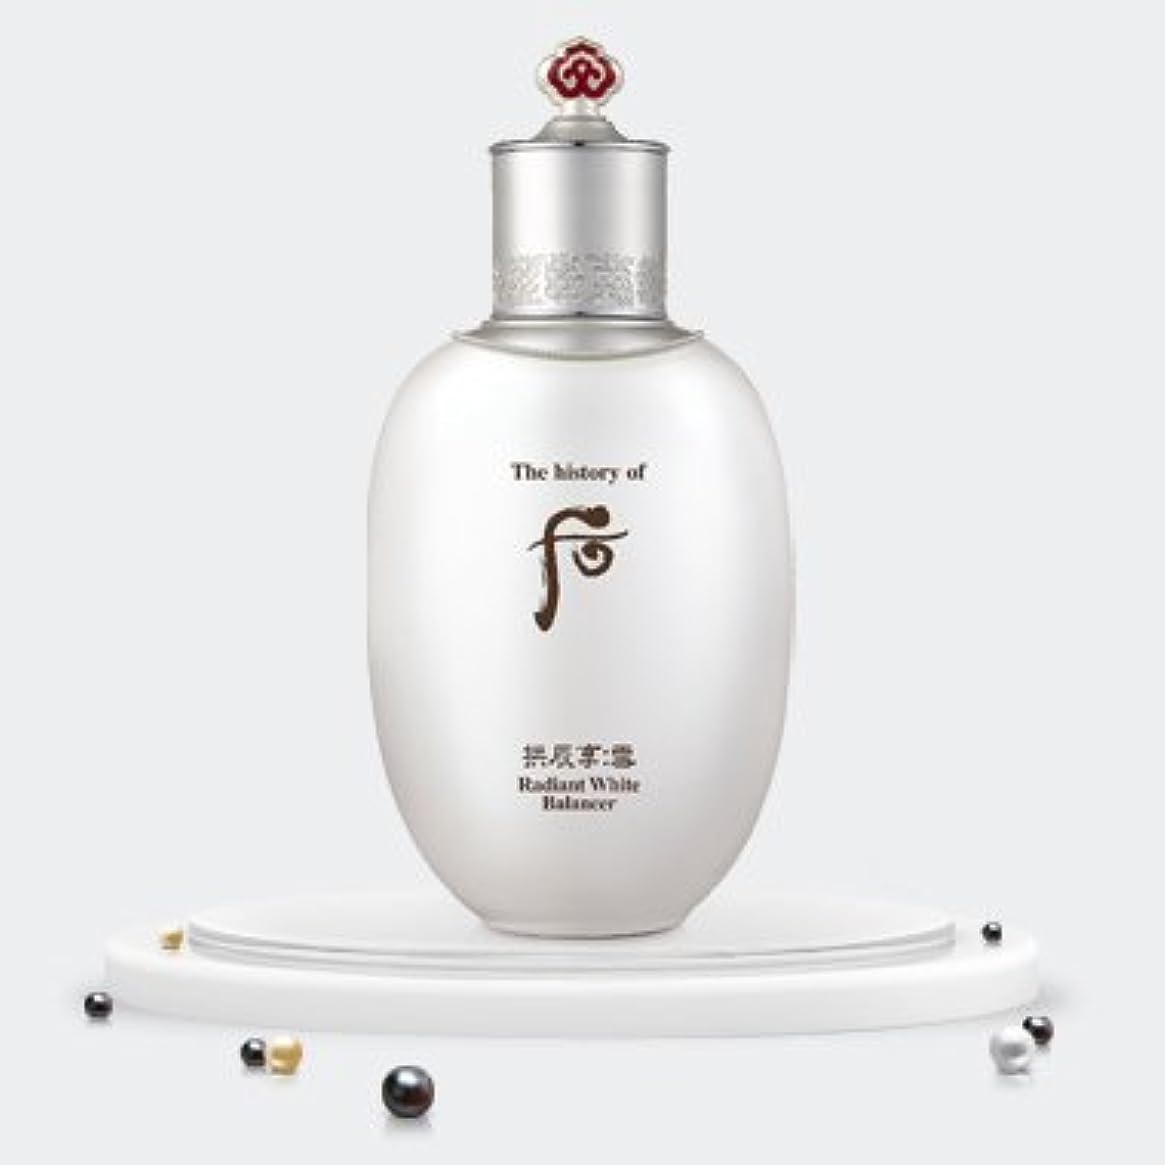 ラッドヤードキップリング休眠忘れっぽいThe history of Whoo Gongjinhyang Seol Radiant White Balancer 150ml/ザ ヒストリー オブ フー (后) 拱辰享 雪 ラディアント ホワイト バランサー 150ml